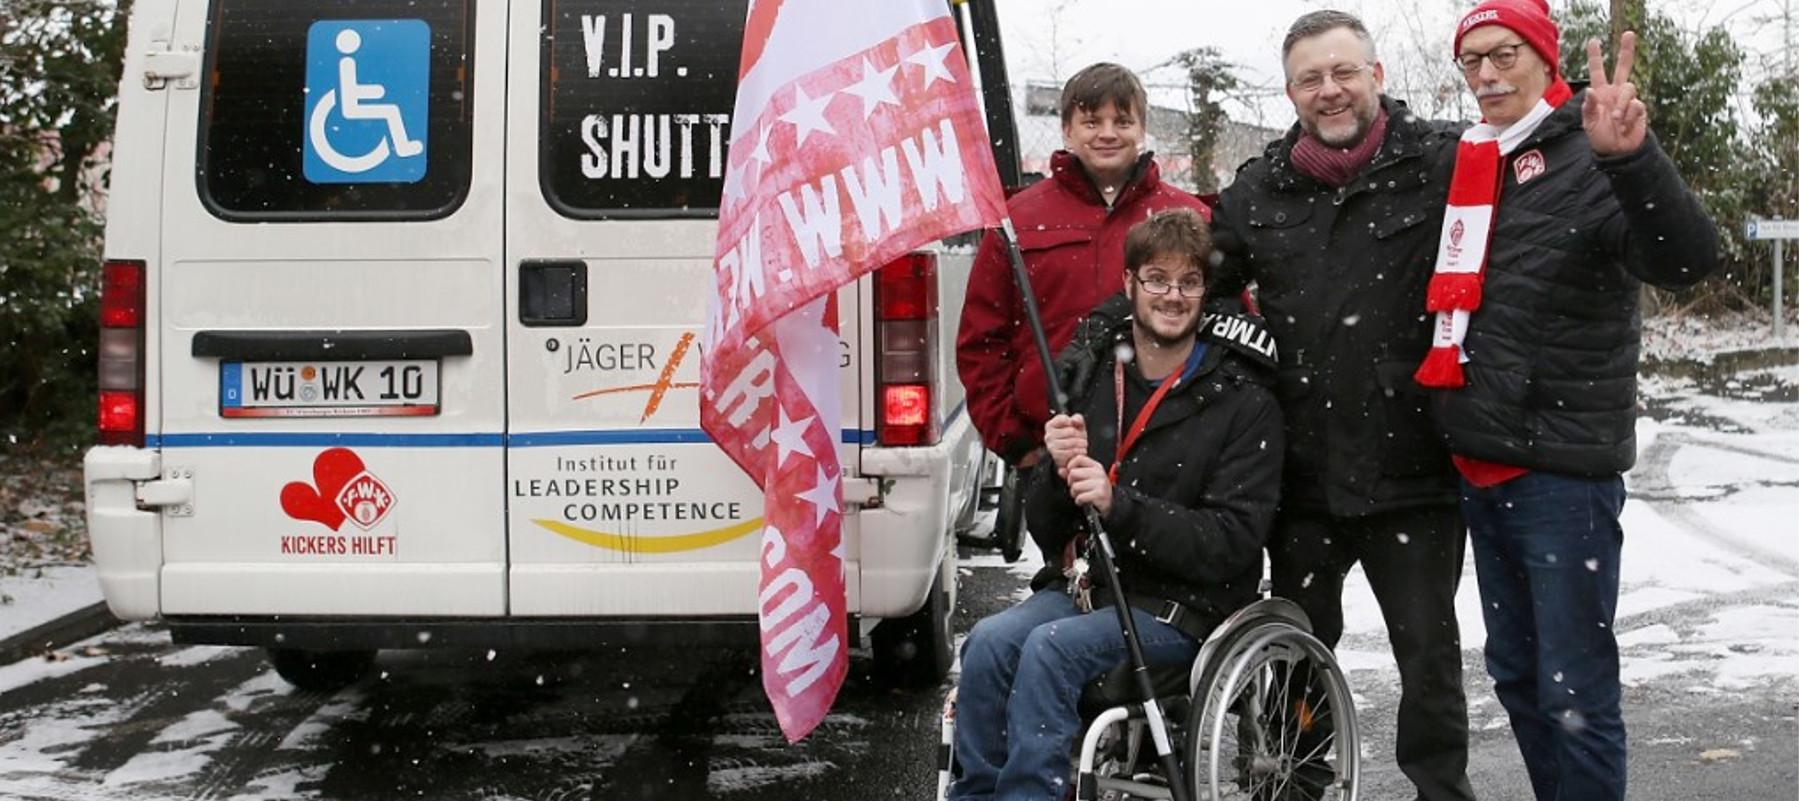 """Vier Personen stehen neben einem weißen Transporter. Einer davon Rollstuhlnutzer. Erhält eine große Schwenkfahne. Auf dem Fahrzeug steht der Schriftzug """"VIP Shuttle""""."""